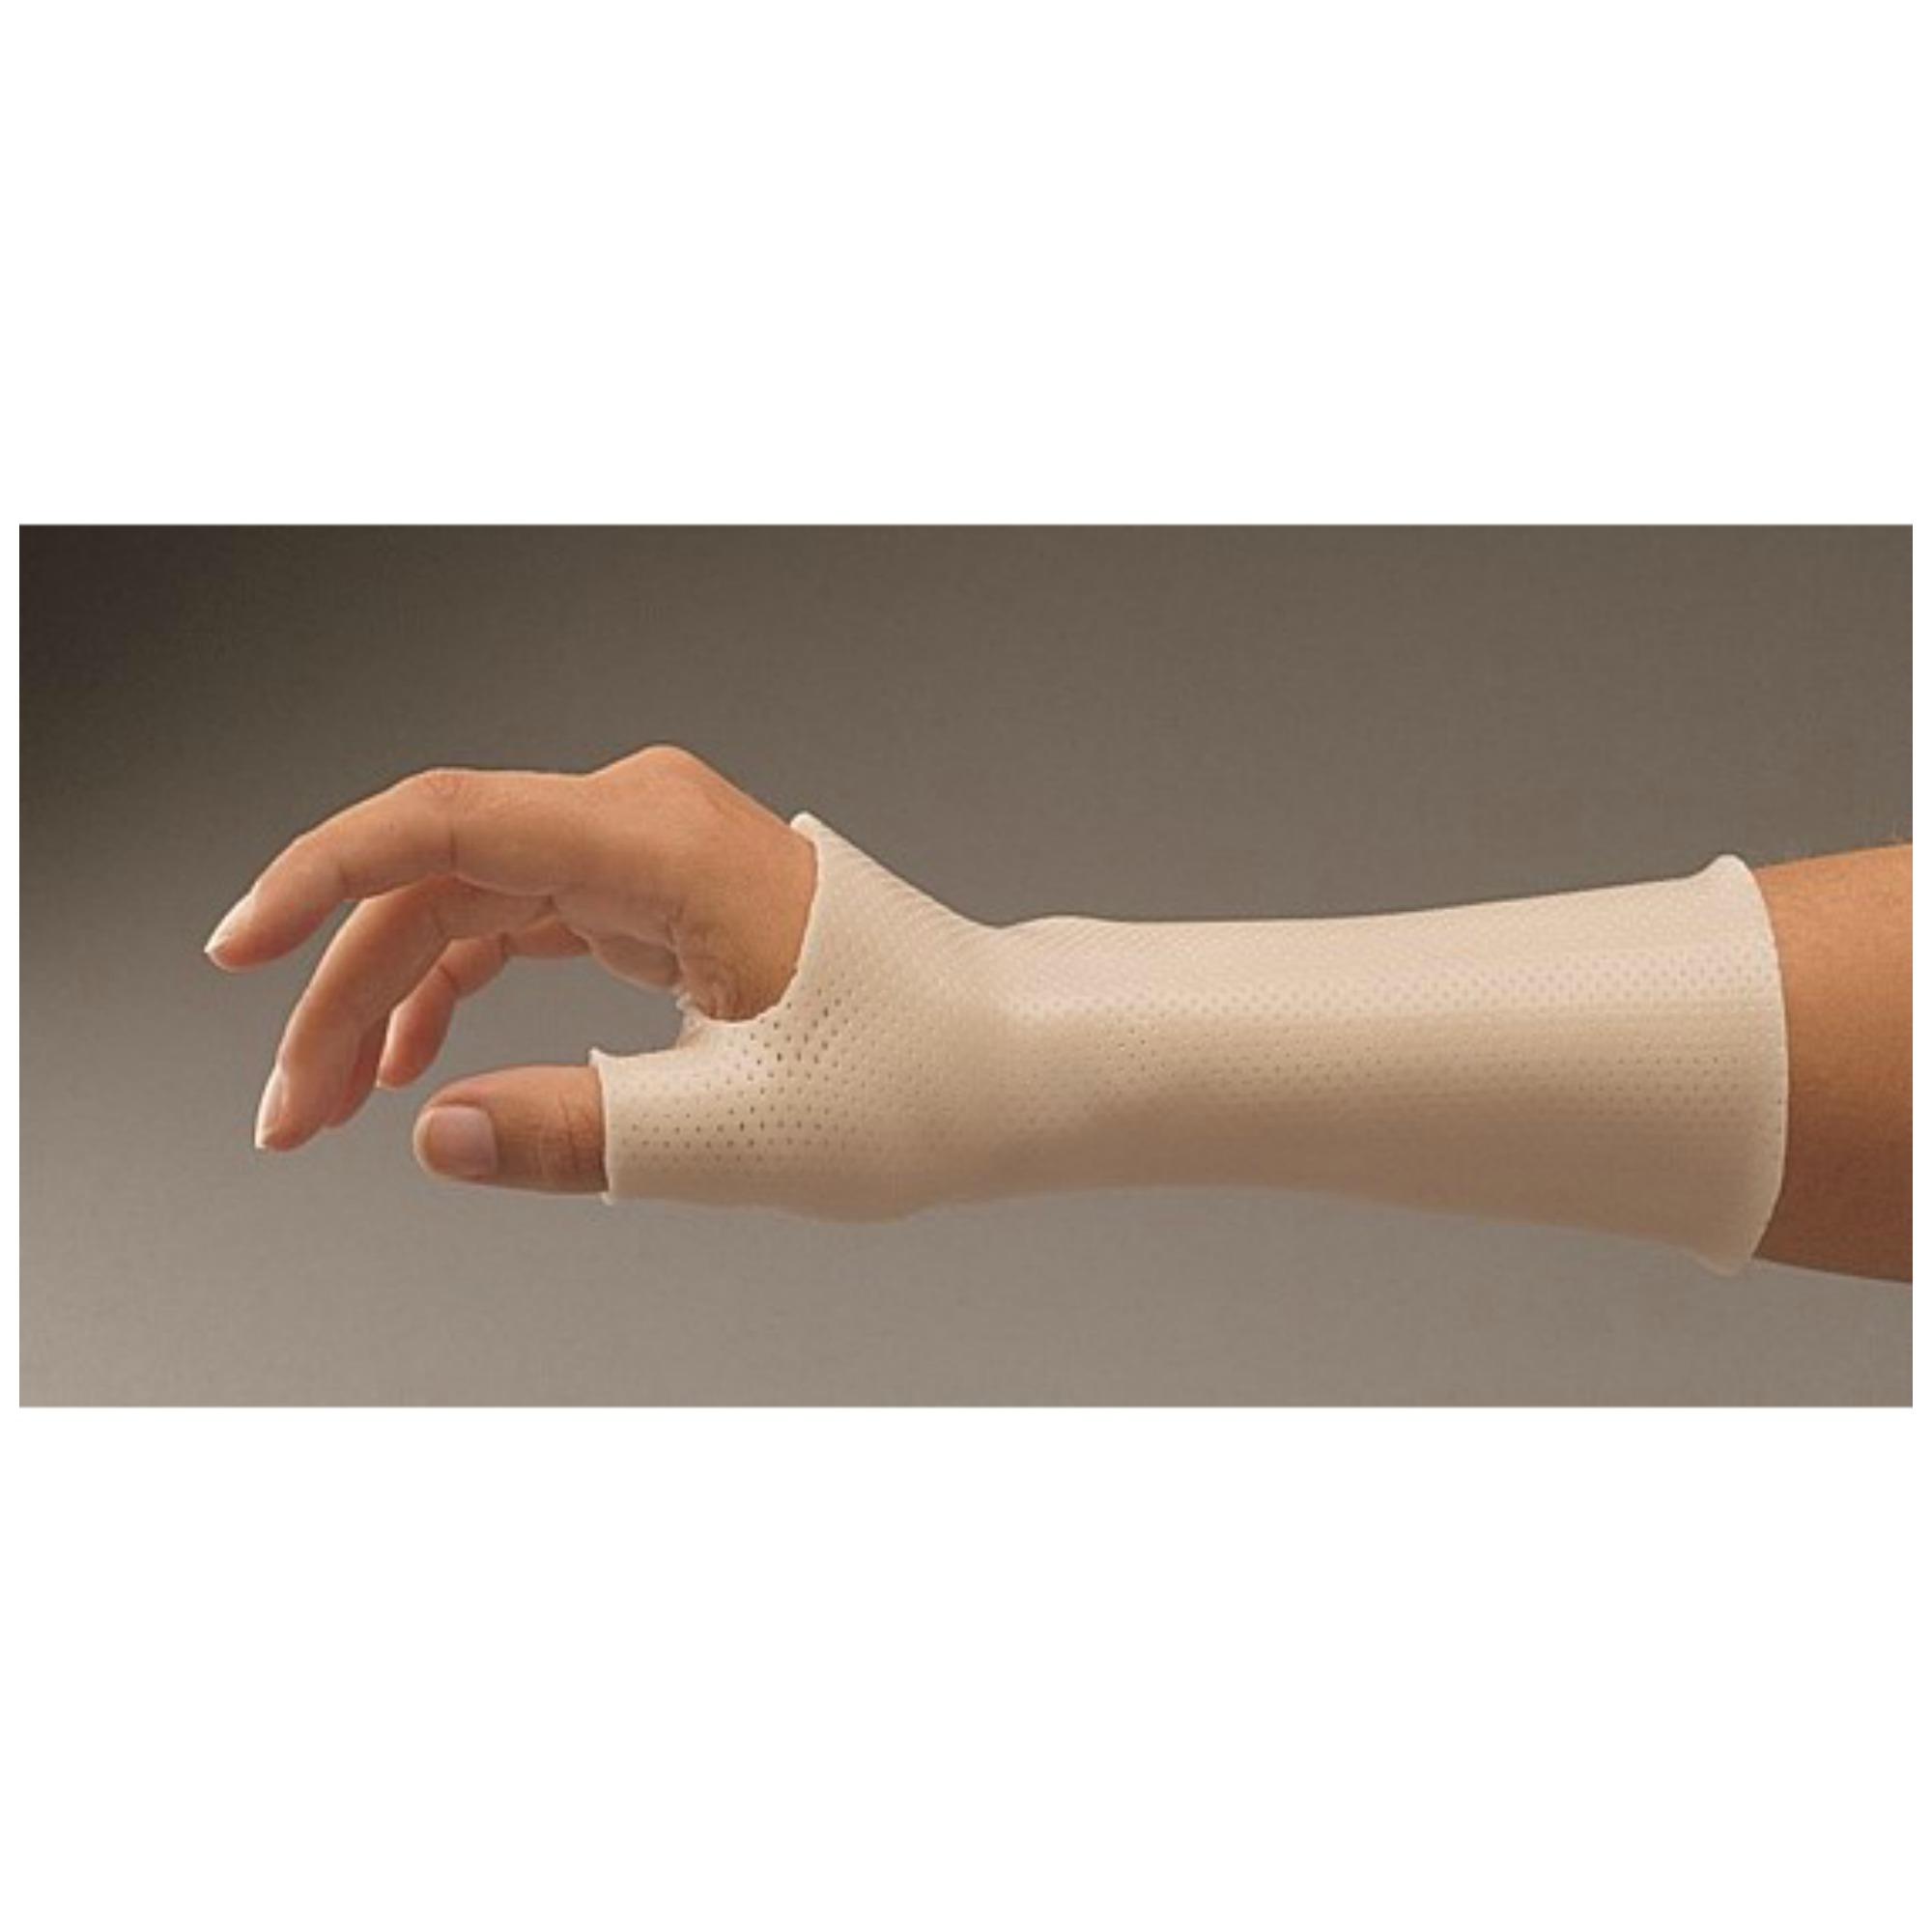 hüvelykujj. lábfájdalom ízület hogyan kezeljük az ízületkötéseket